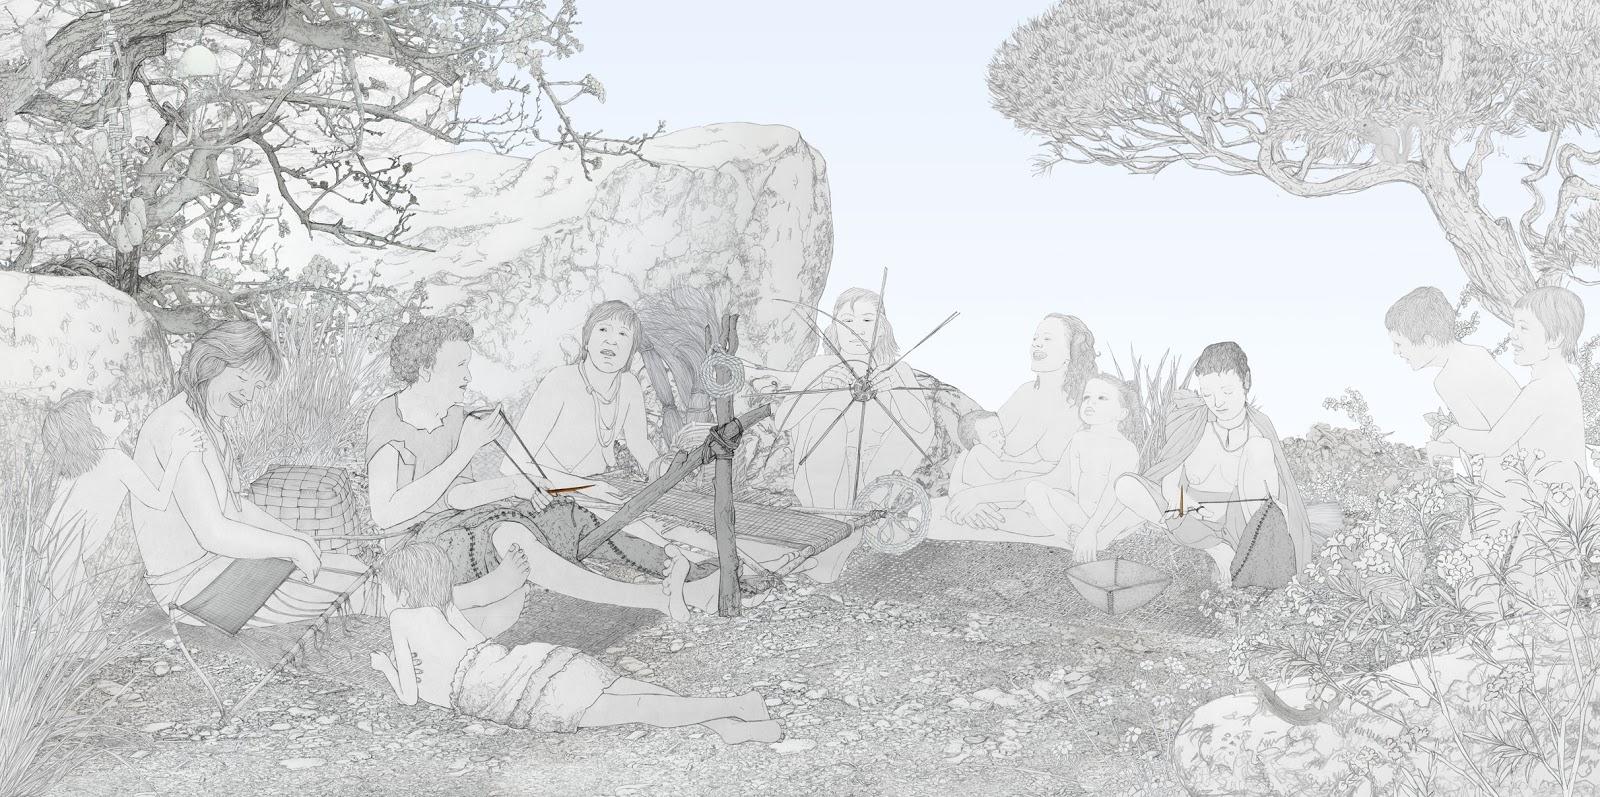 tecnologias cotidianas, mujeres en la prehistoria, dibujo